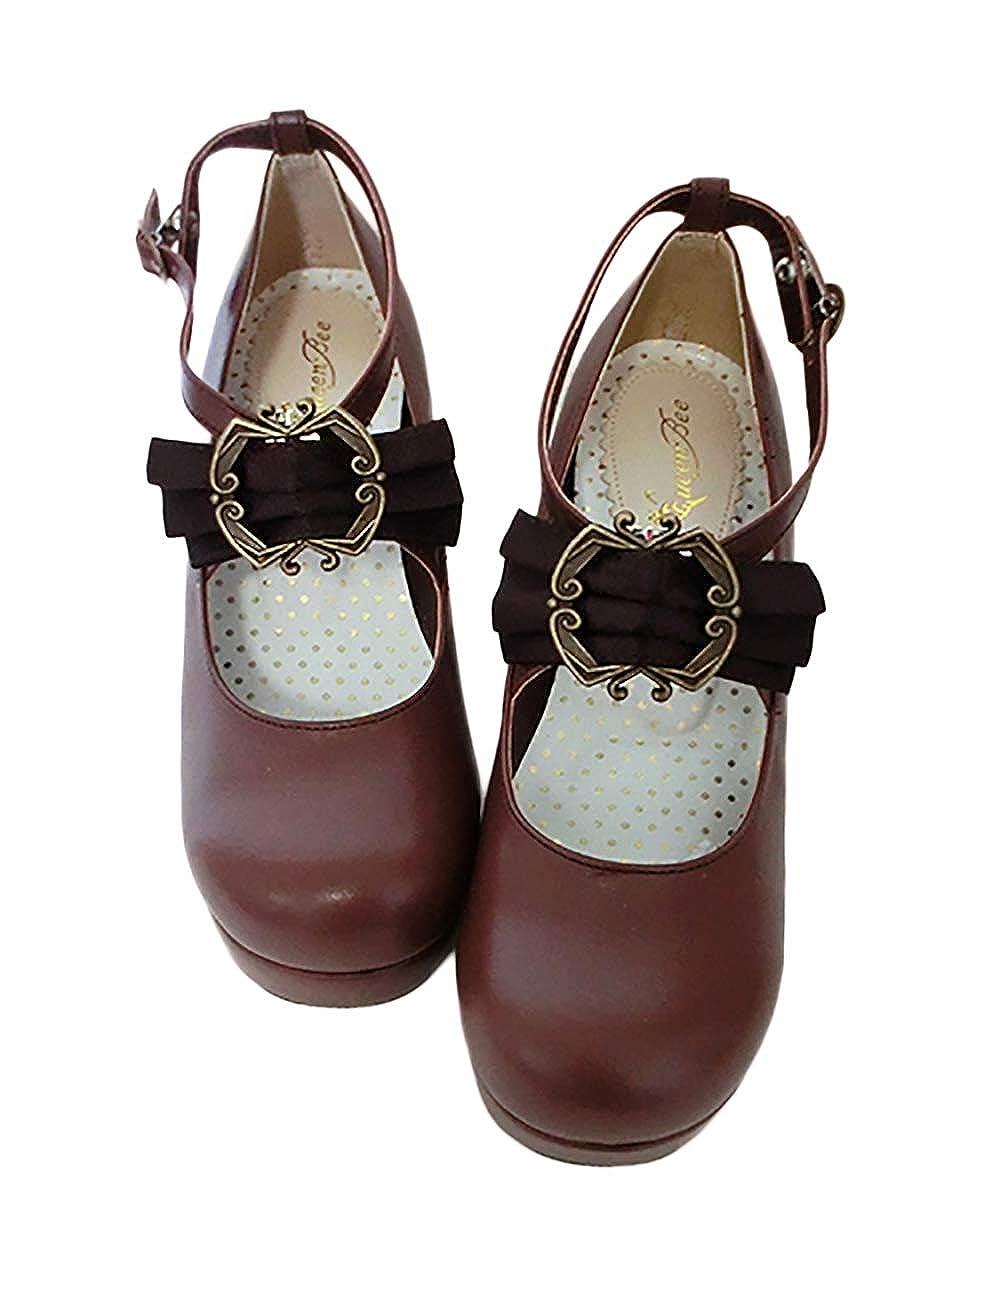 FIYOMET Chaussures habill/ées Plates pour Femmes Chaussures en Cuir Simples et Confortables de Lolita pour Femmes